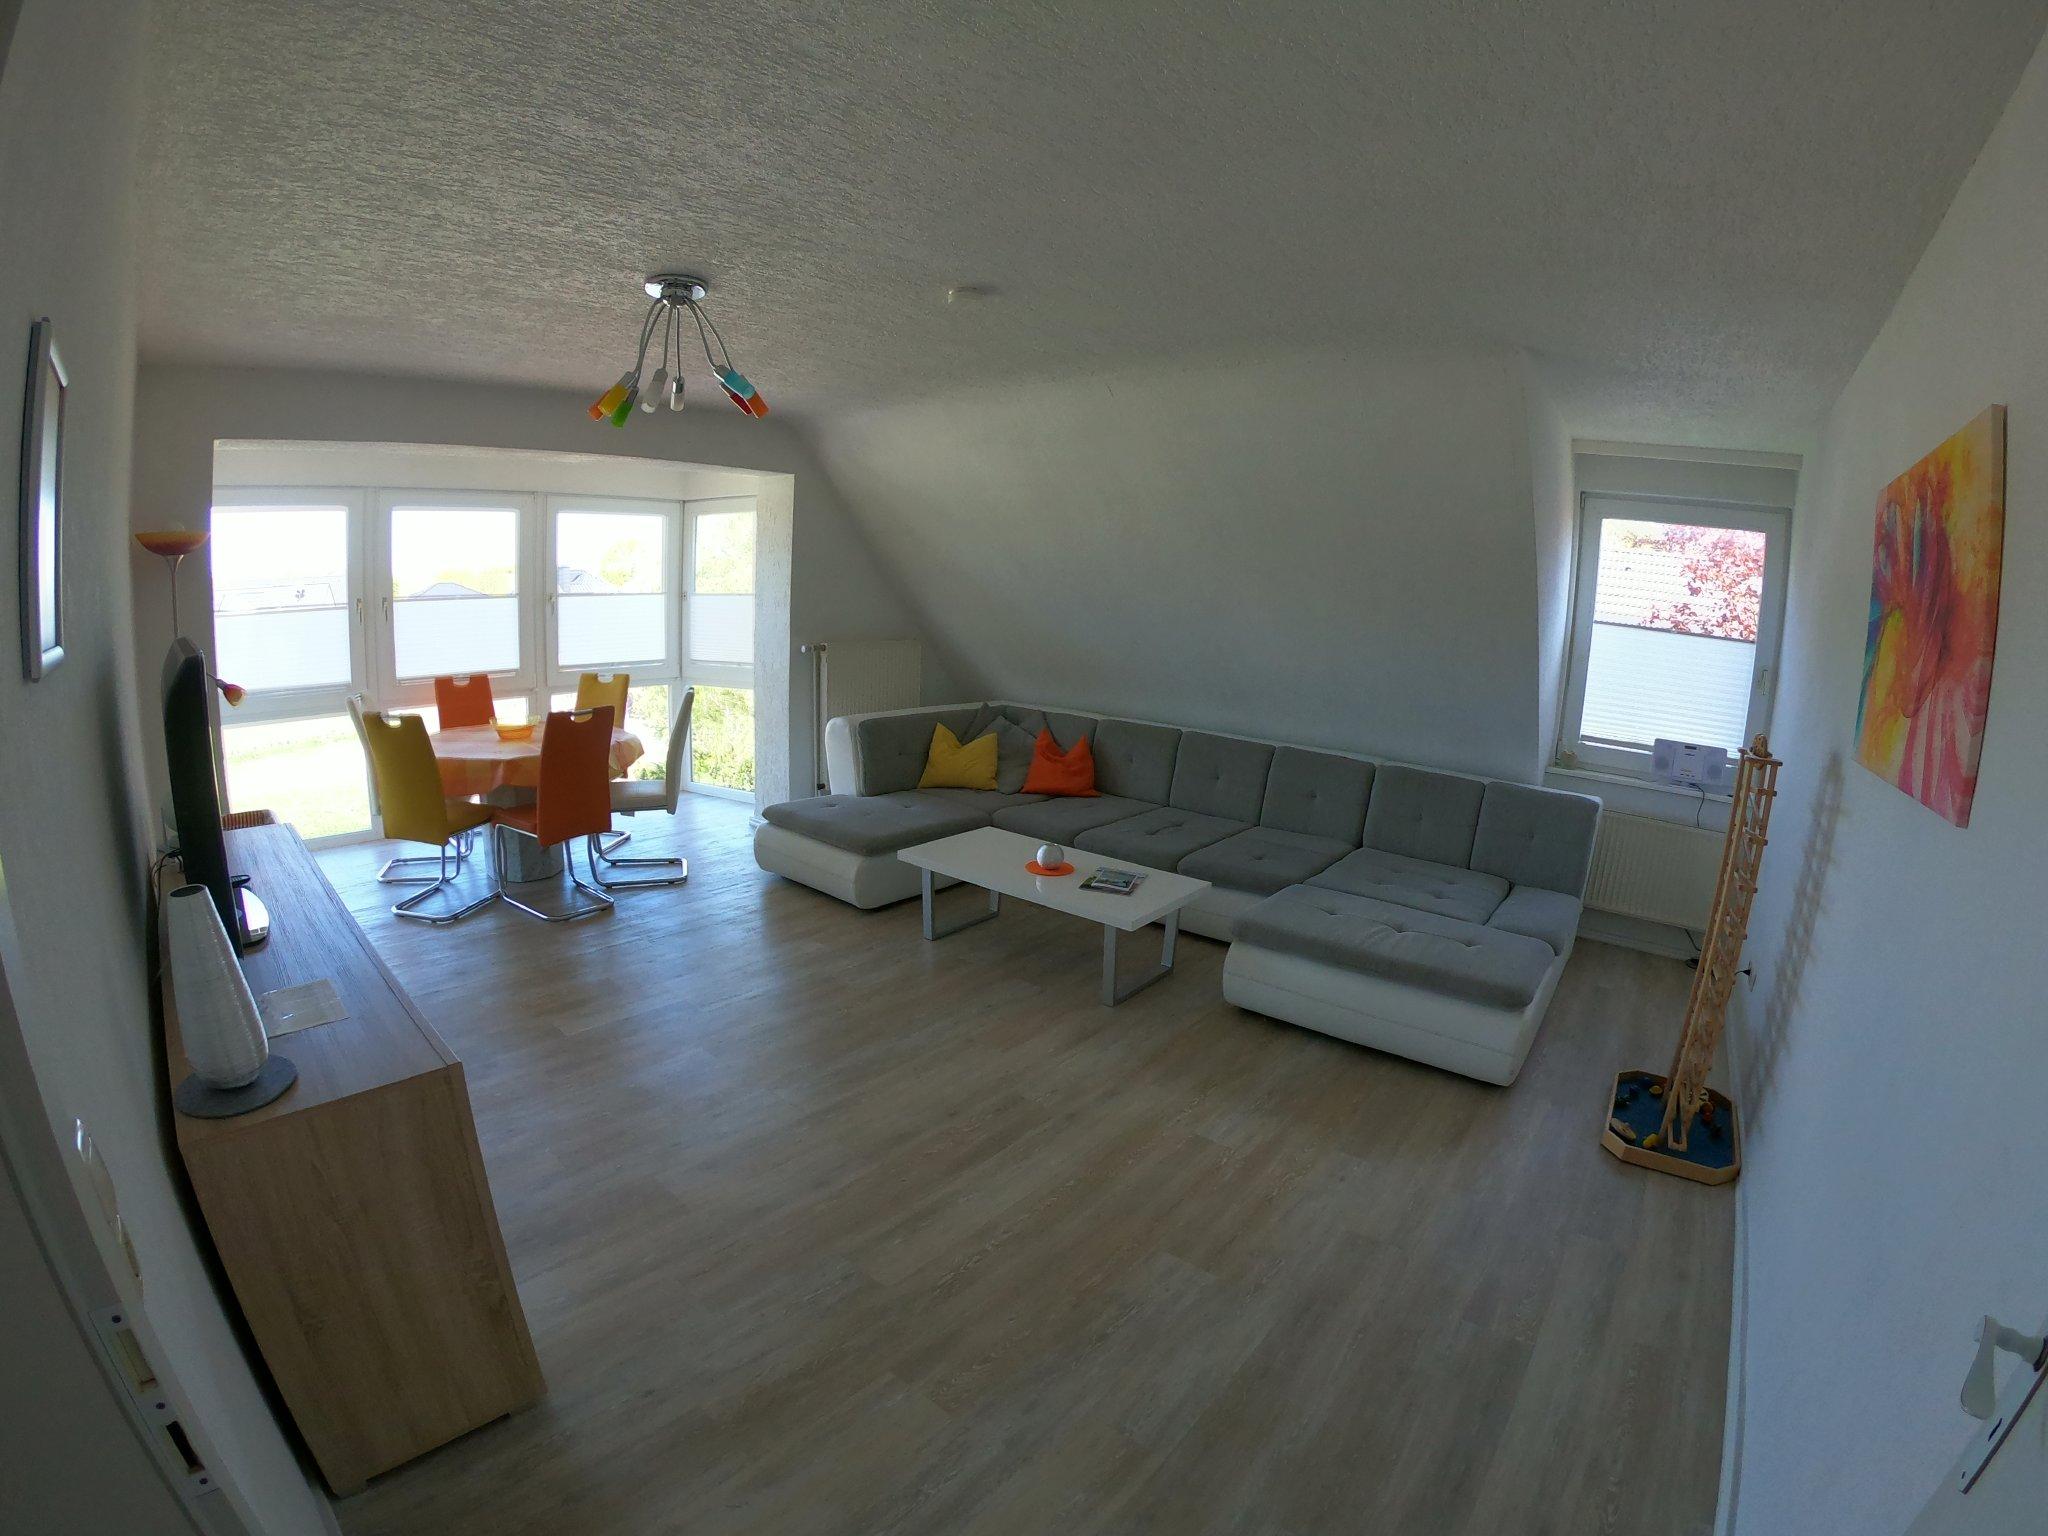 Wohnzimmer, Sonnenerker, Esstisch, TV